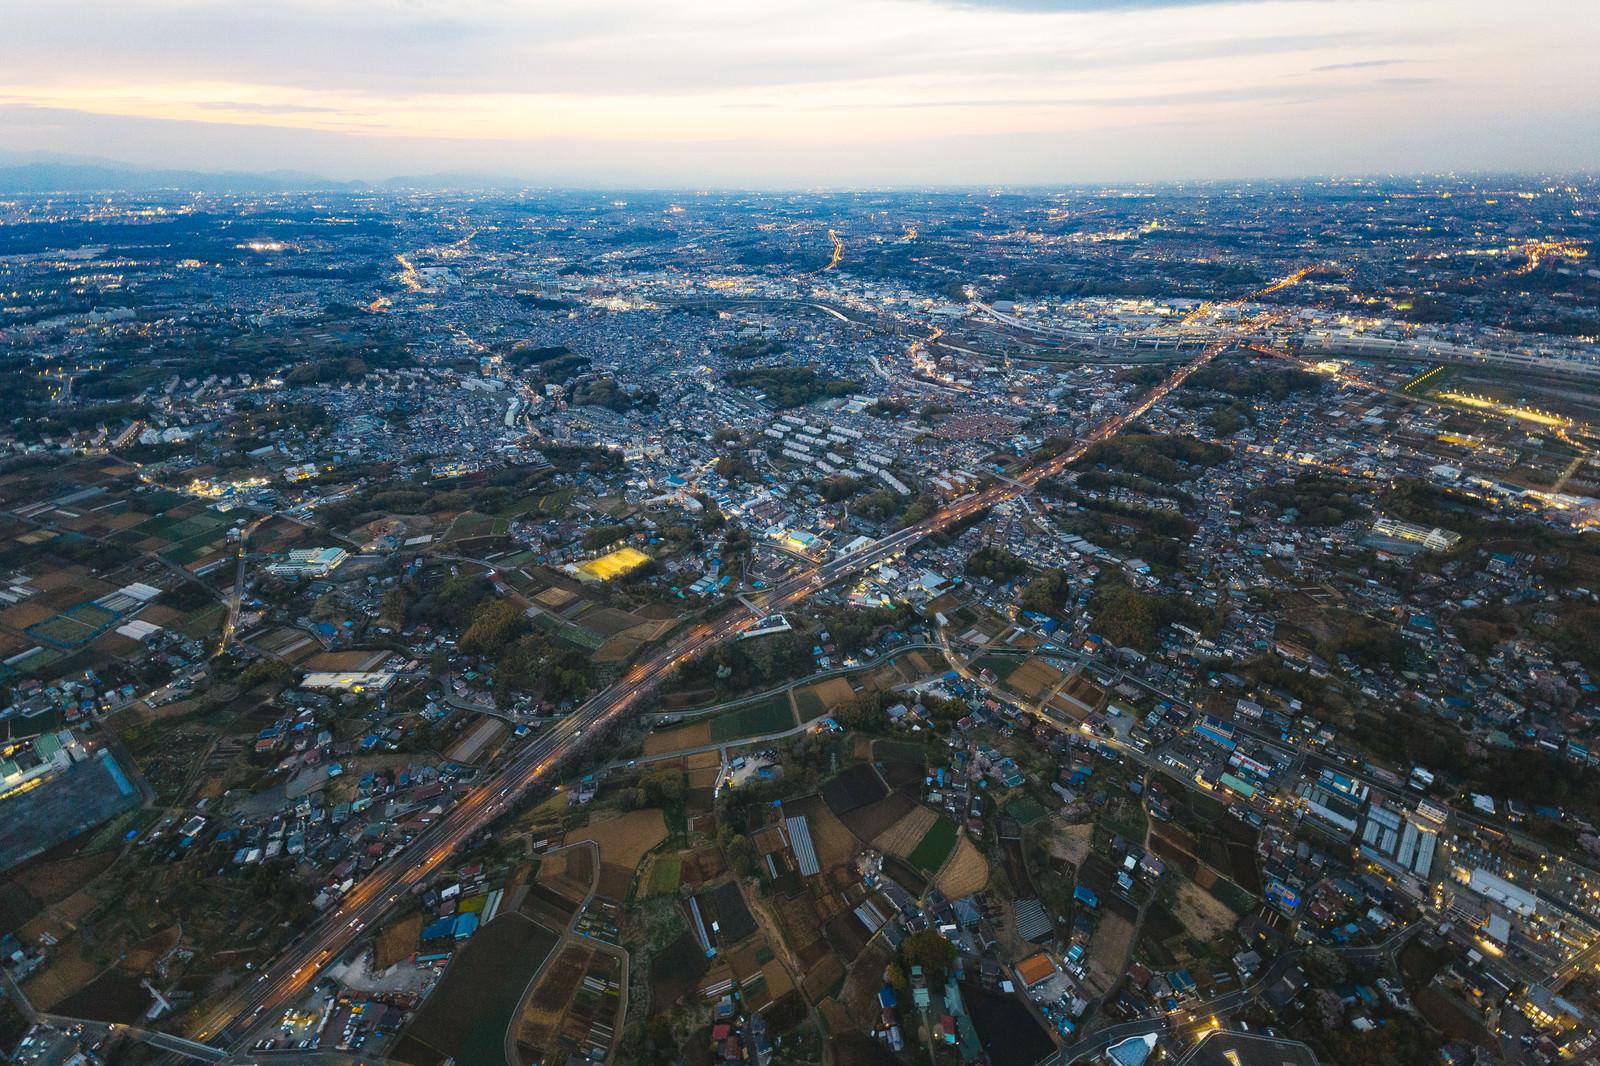 「上空から撮影した高速道路」